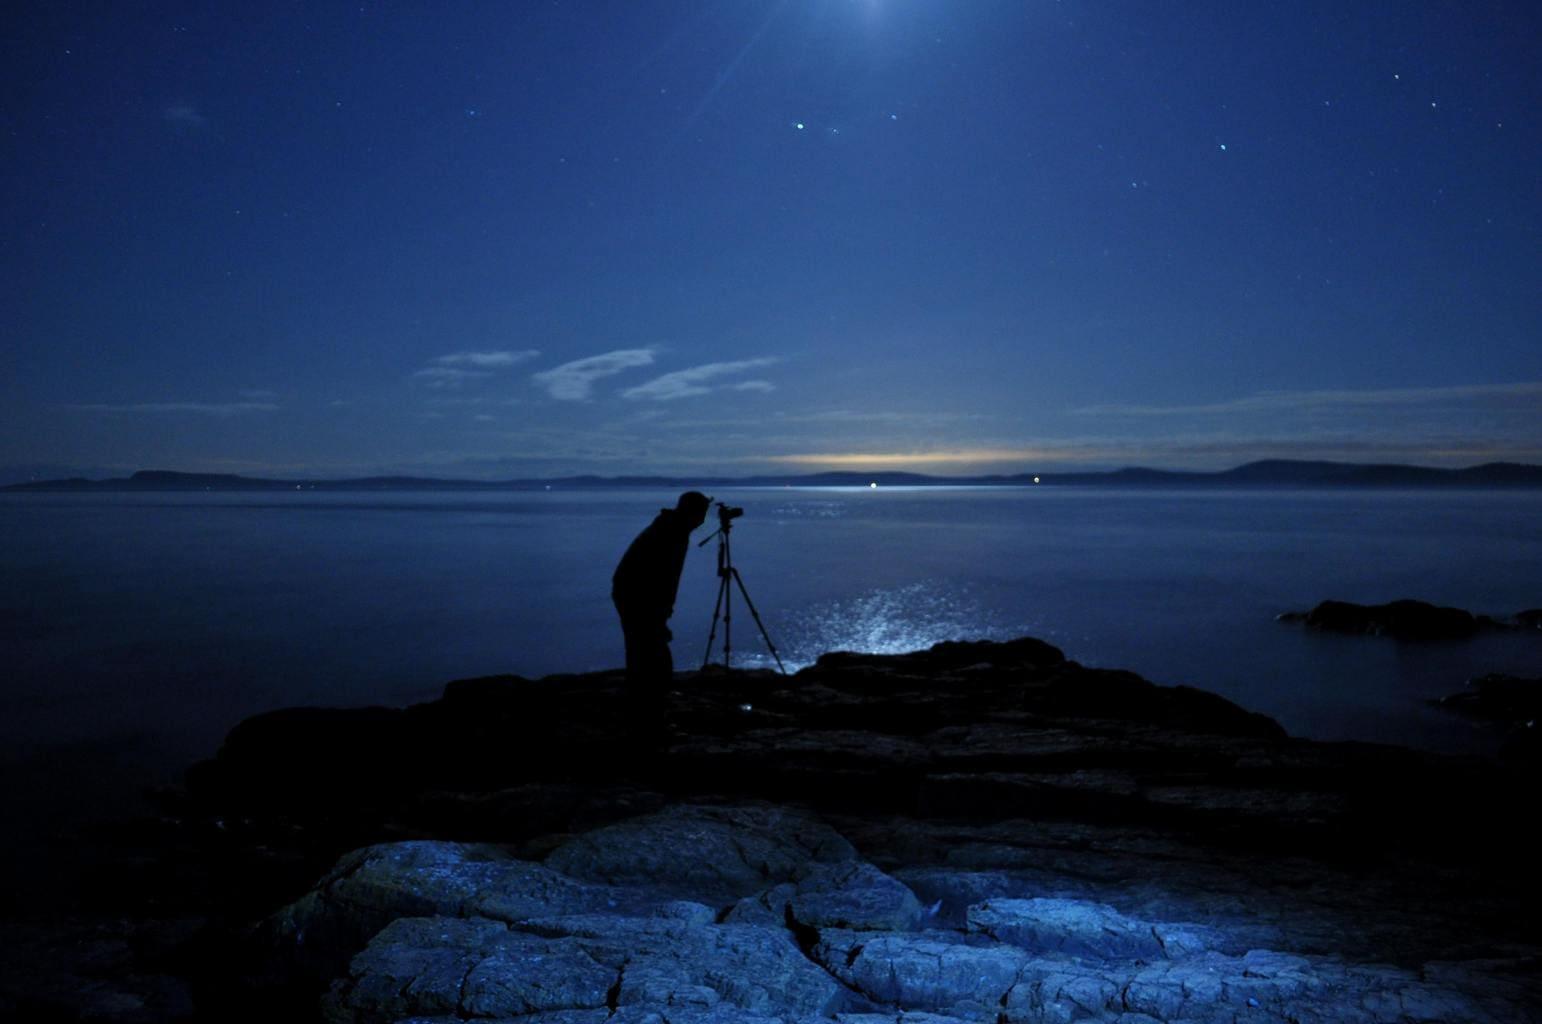 Fotógrafo con trípode en la costa fotografiando estrellas